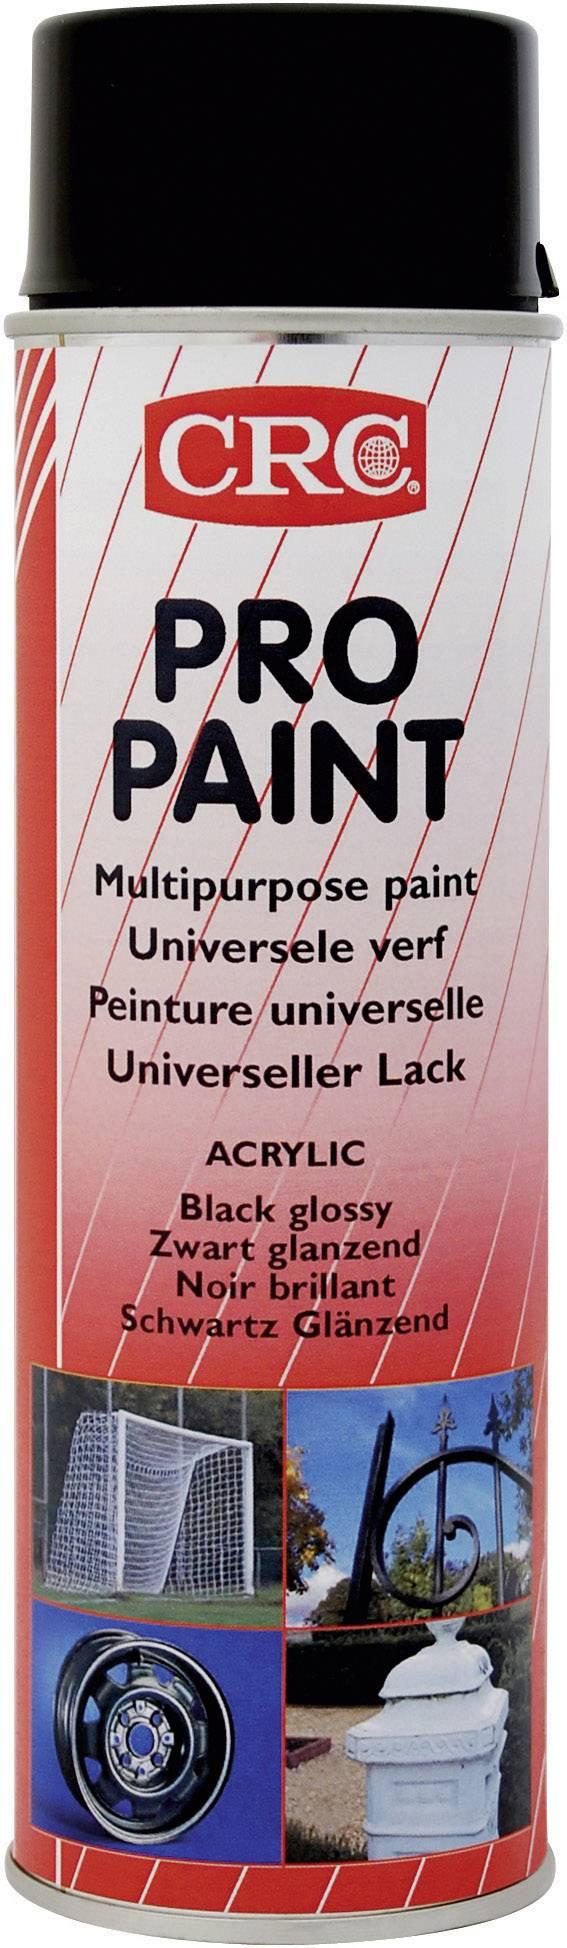 crc pro paint